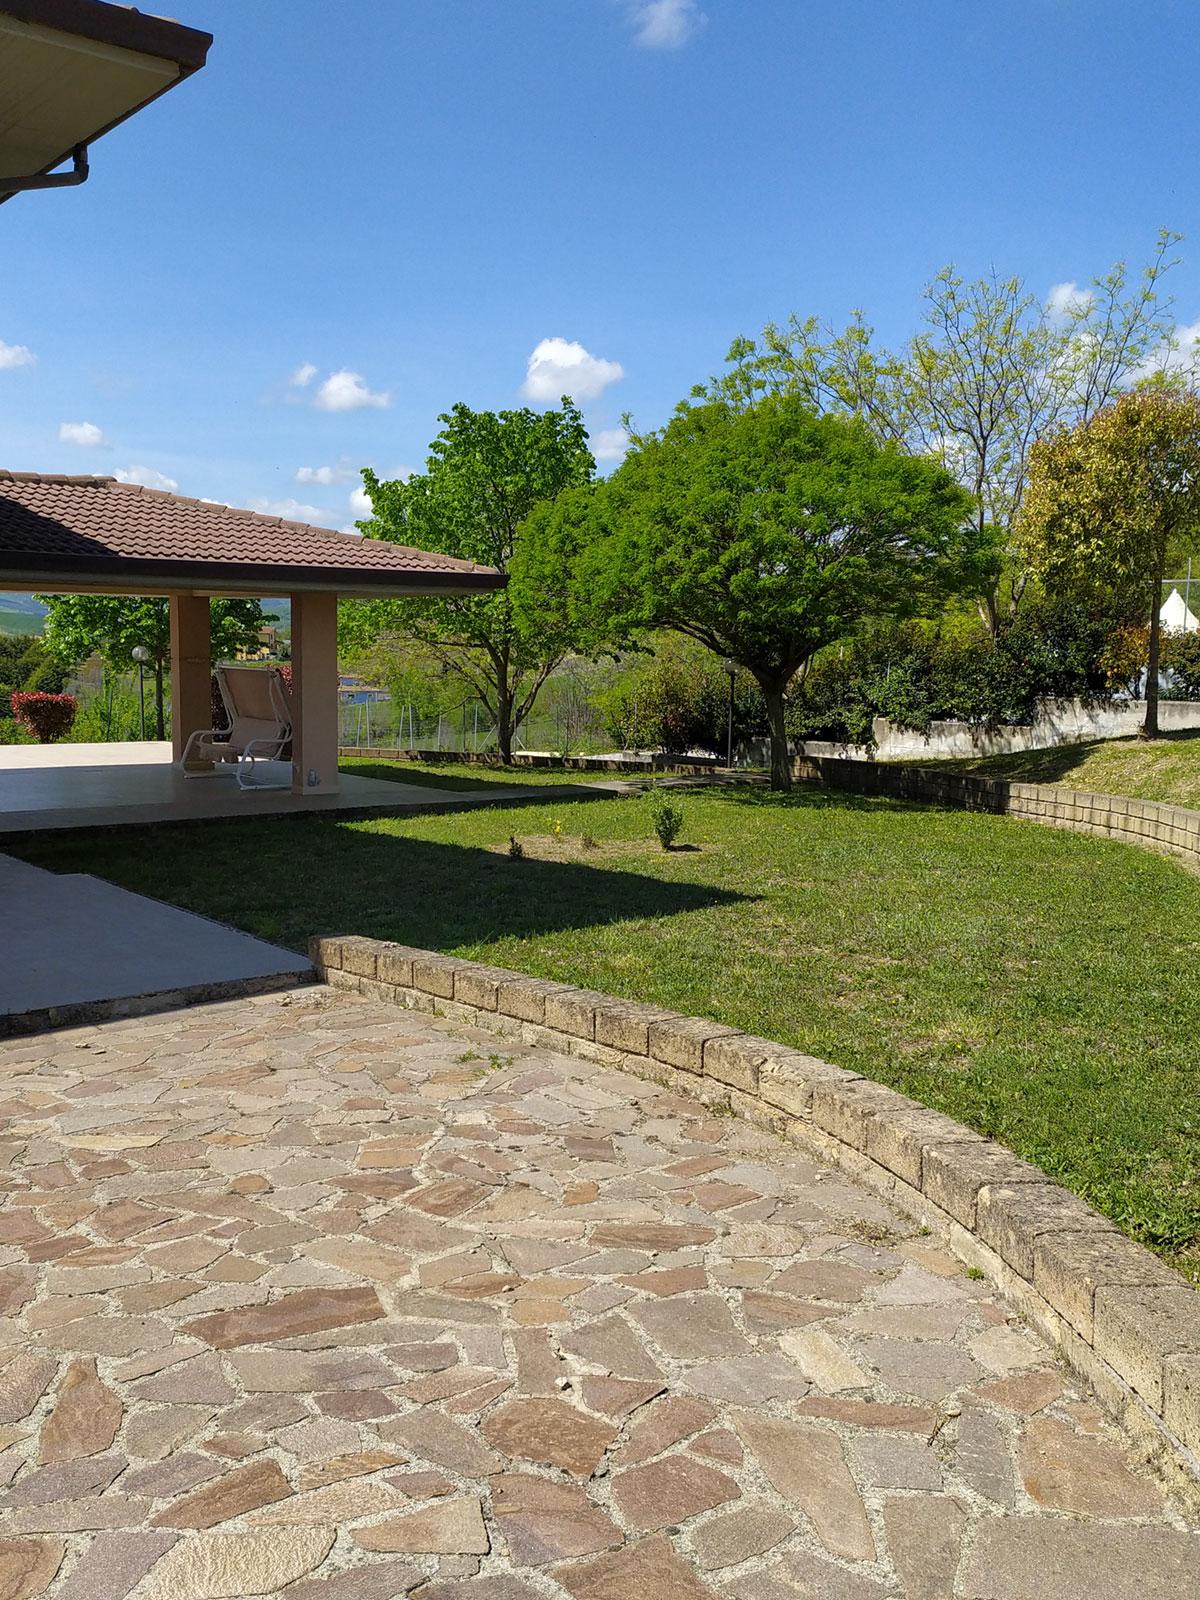 Giardino esterno di un villino con prato e pavimento in pietra